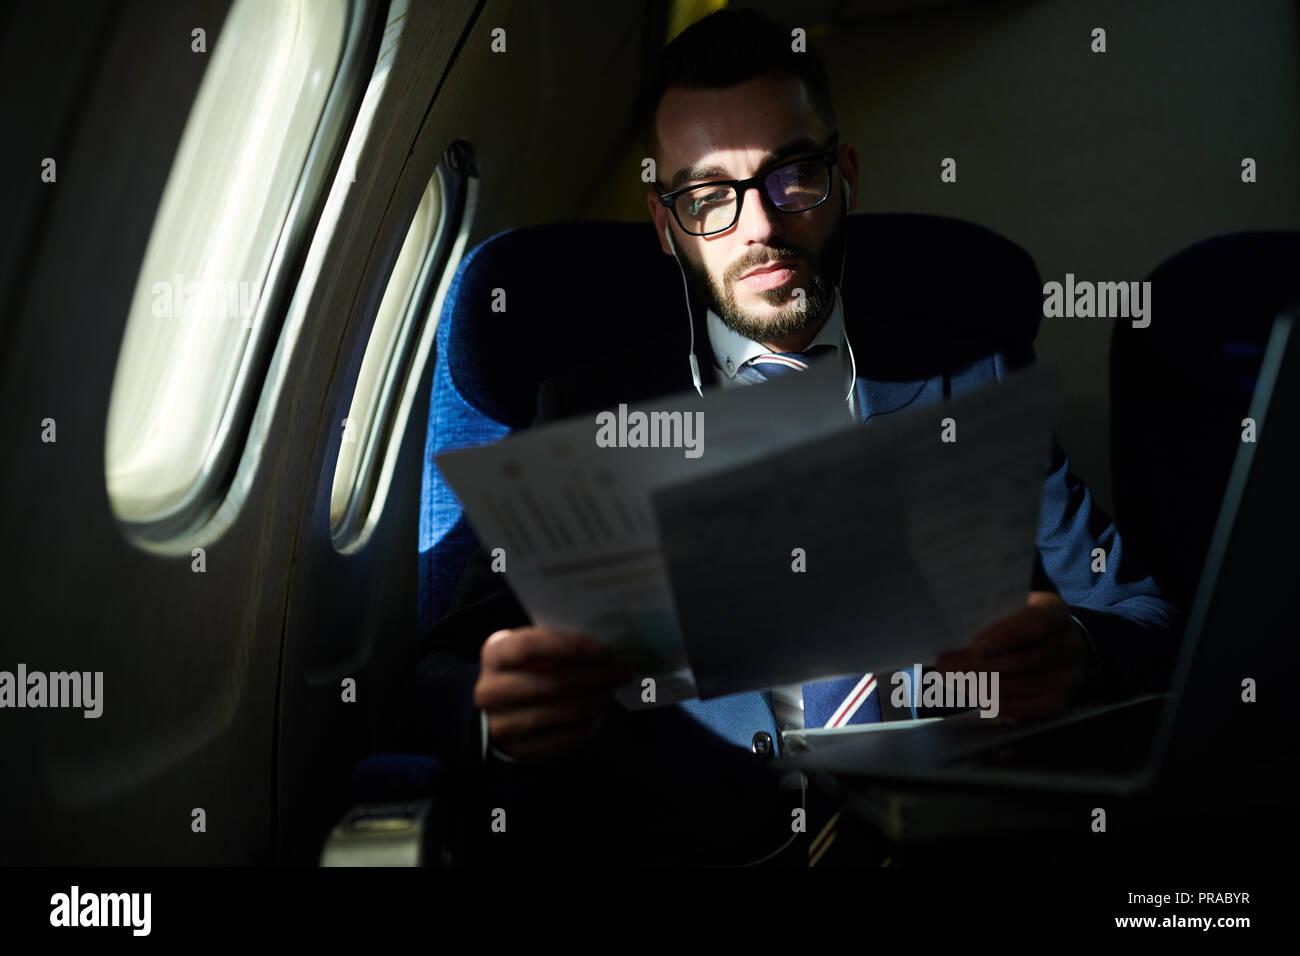 Gut aussehender Geschäftsmann in Private Jet Stockbild